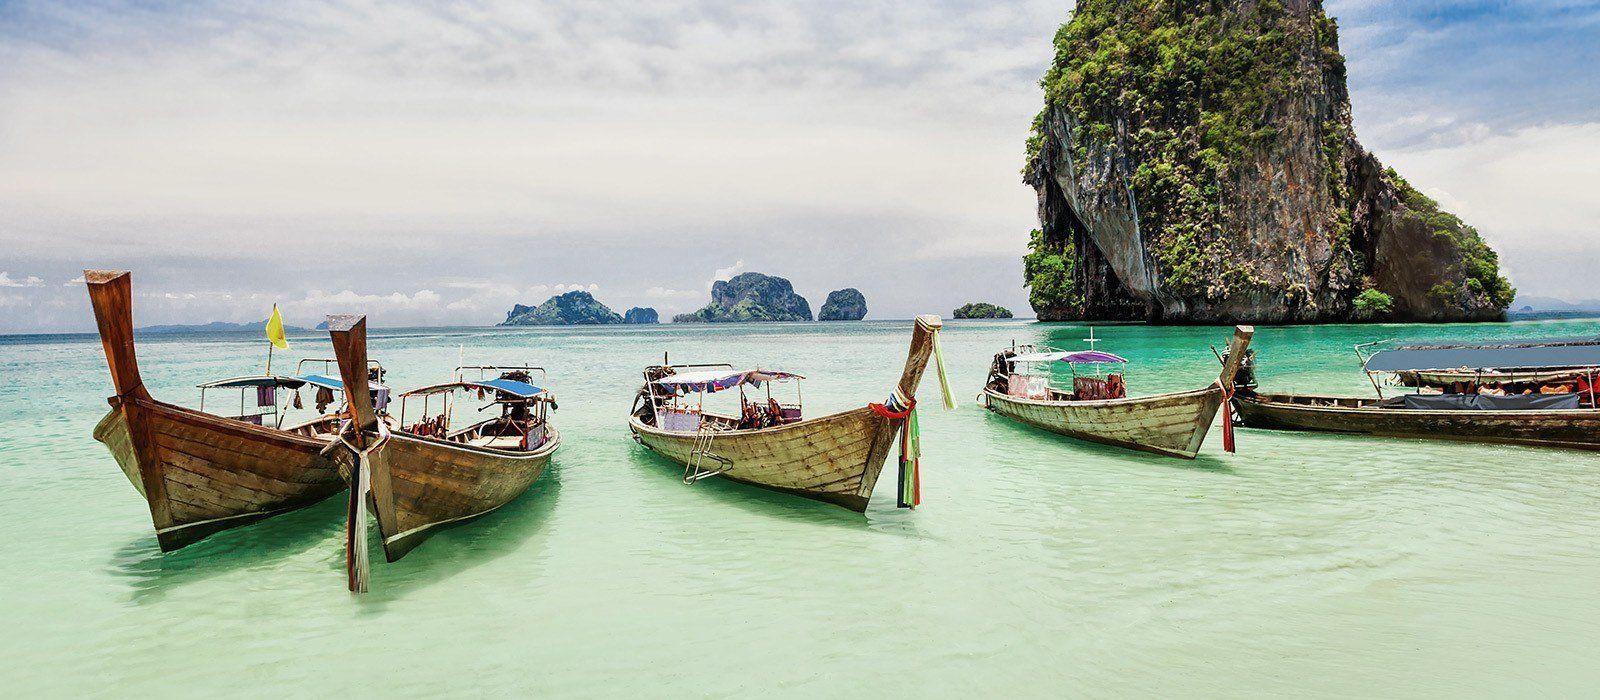 Myanmars unentdeckter Süden Urlaub 4